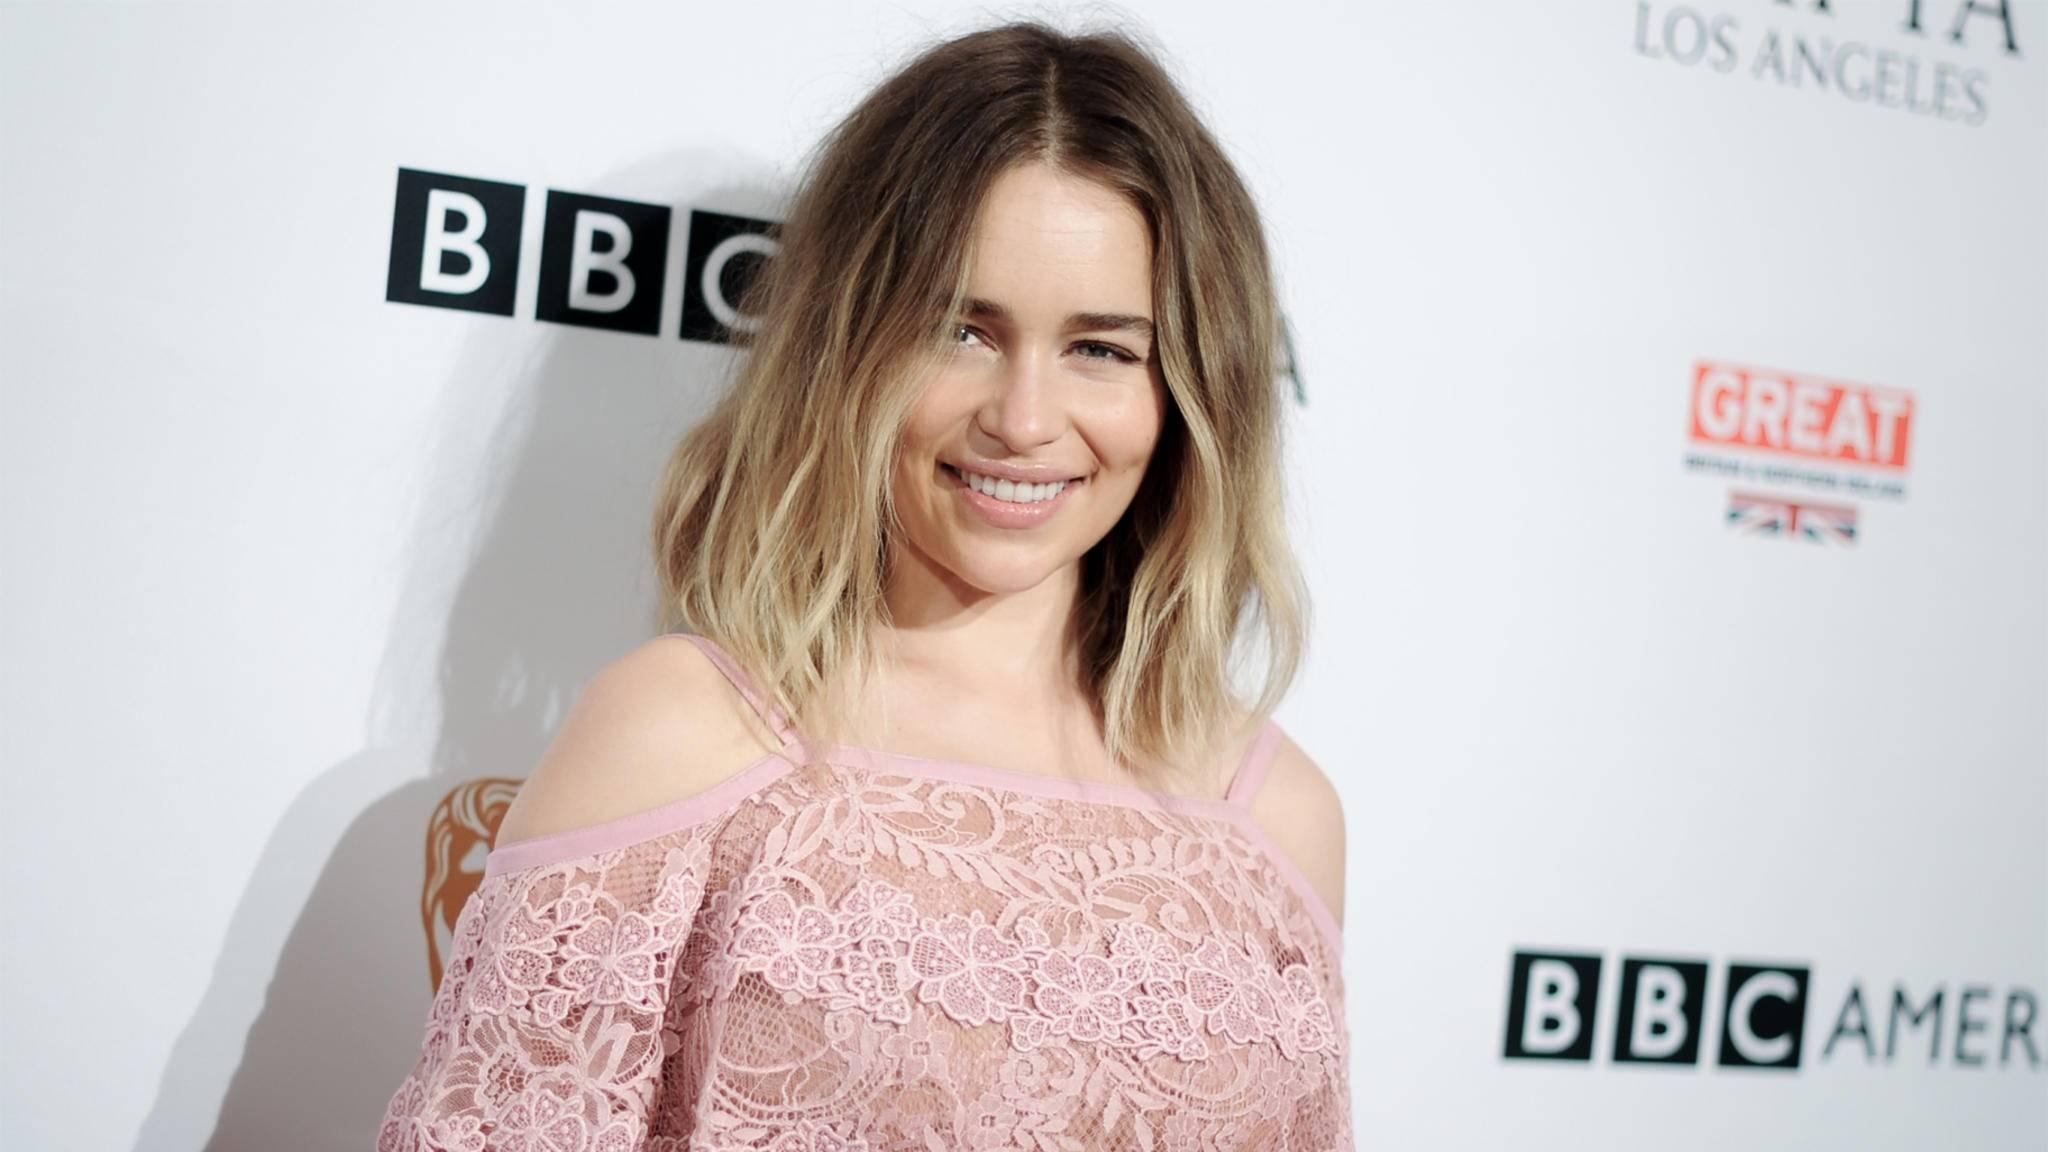 Auf welchen Platz hat es wohl Emilia Clarke in der IMDb-Liste geschafft?